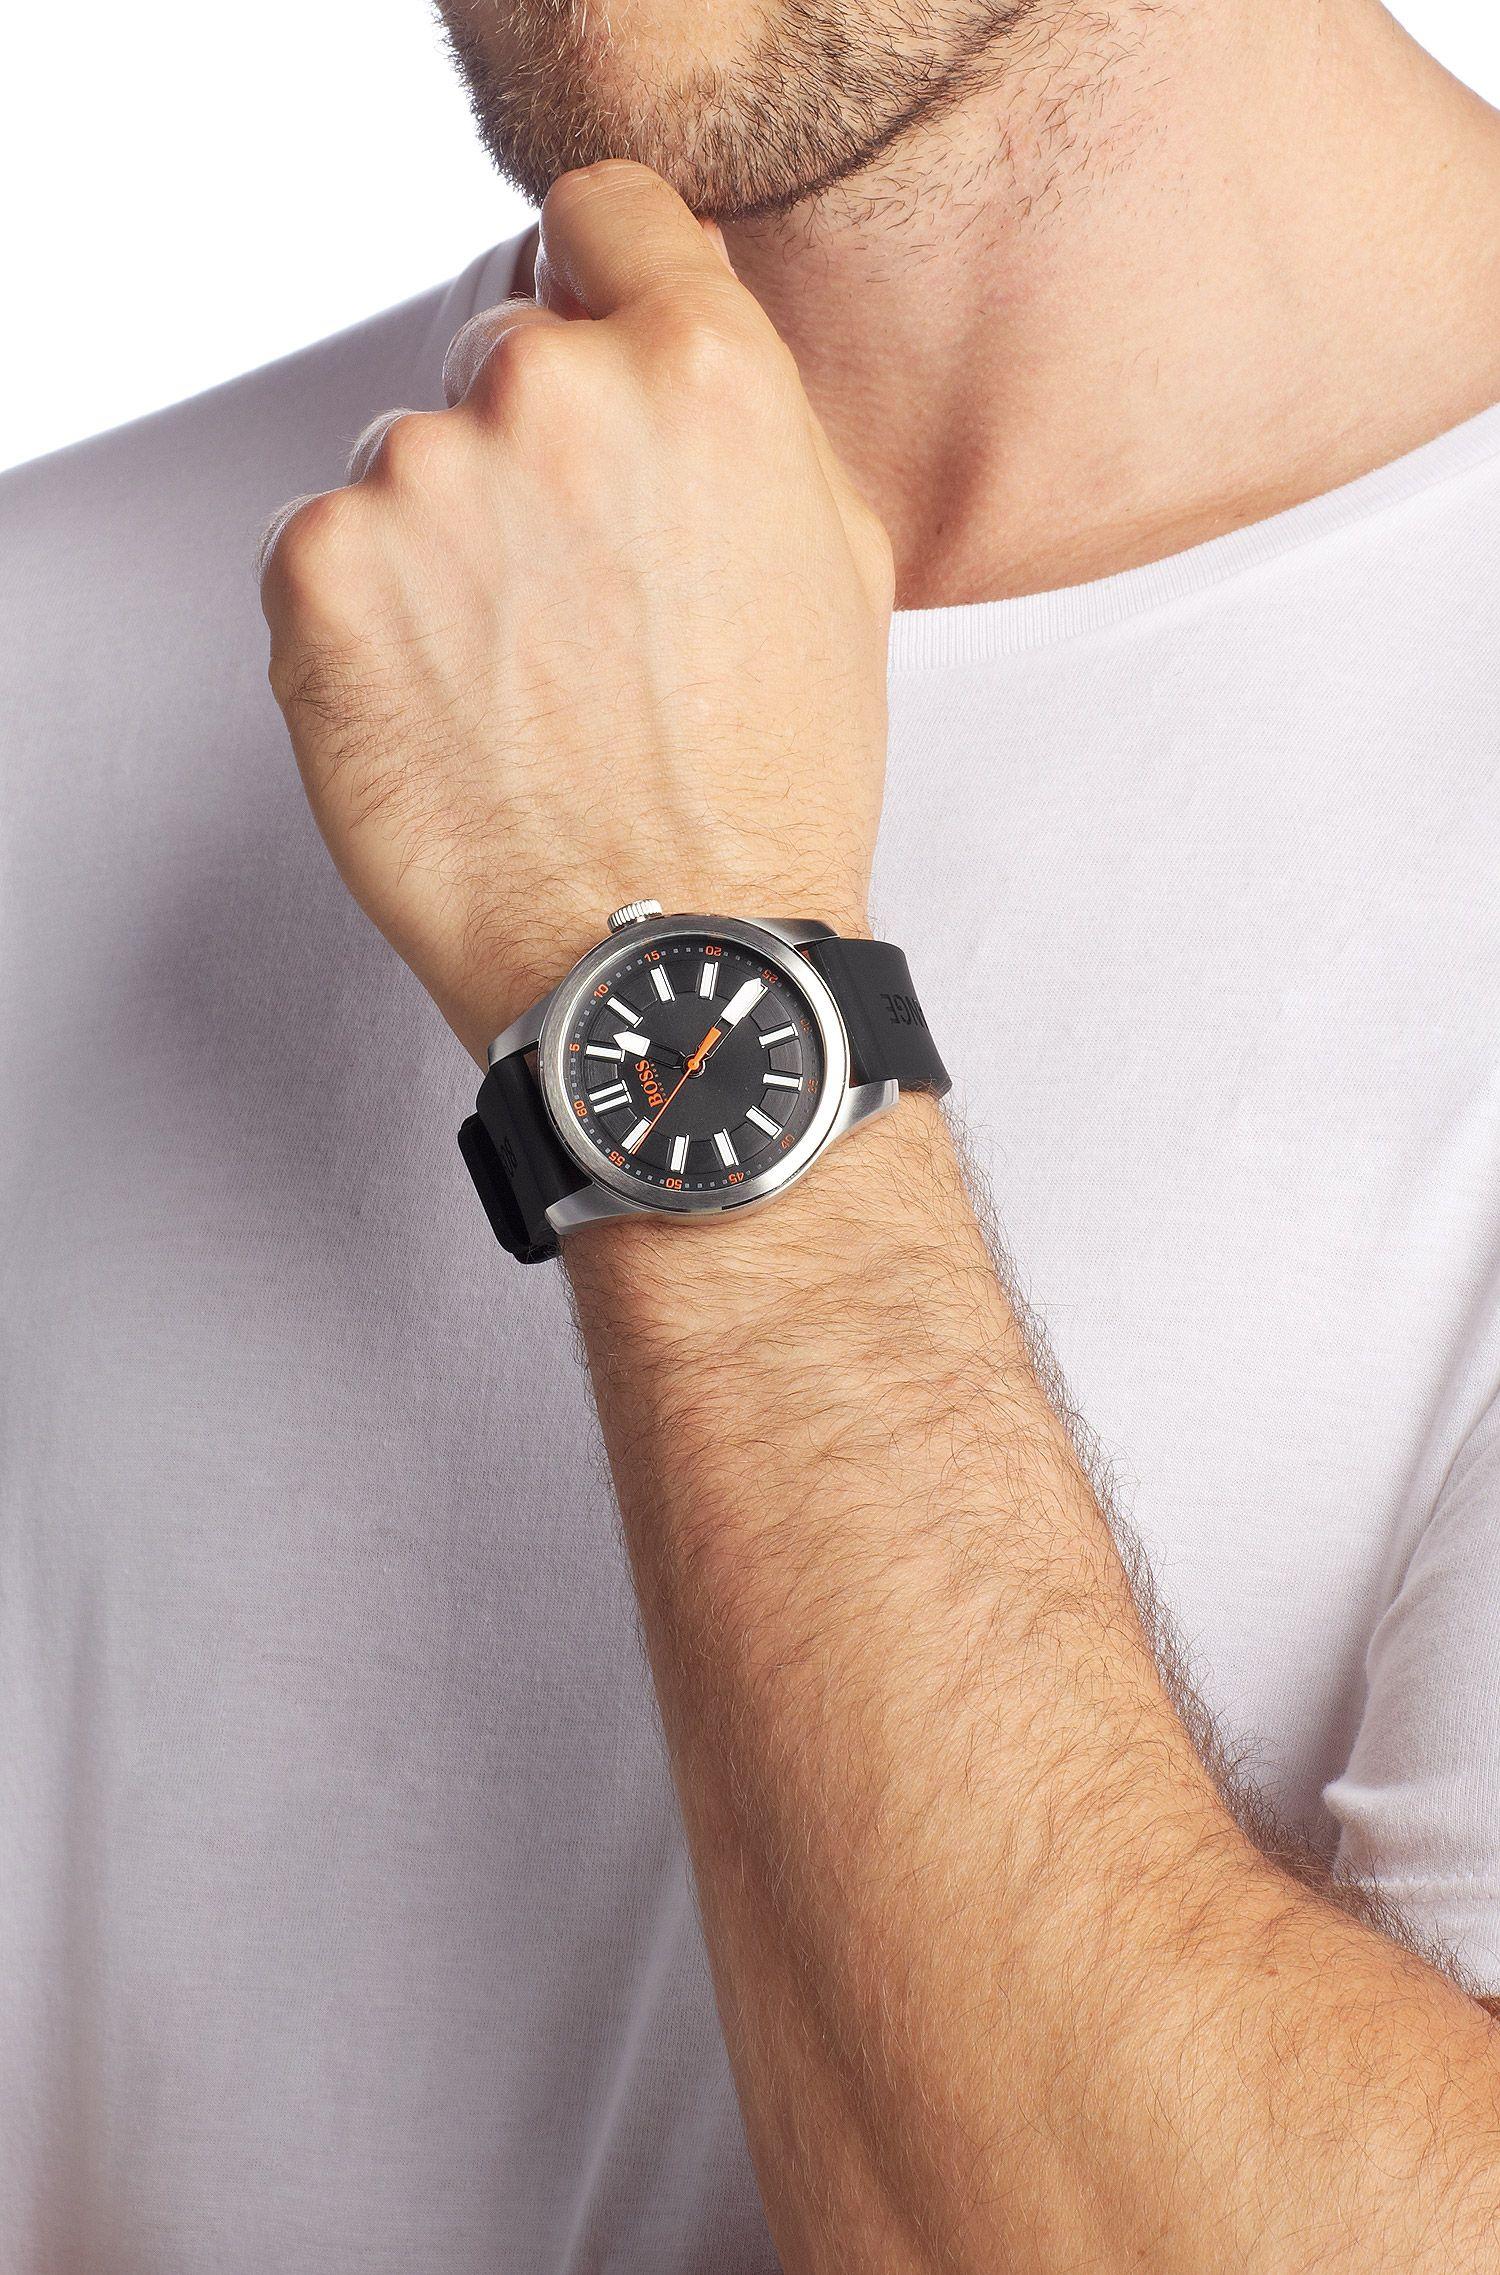 Montre homme à bracelet en silicone, HO7001